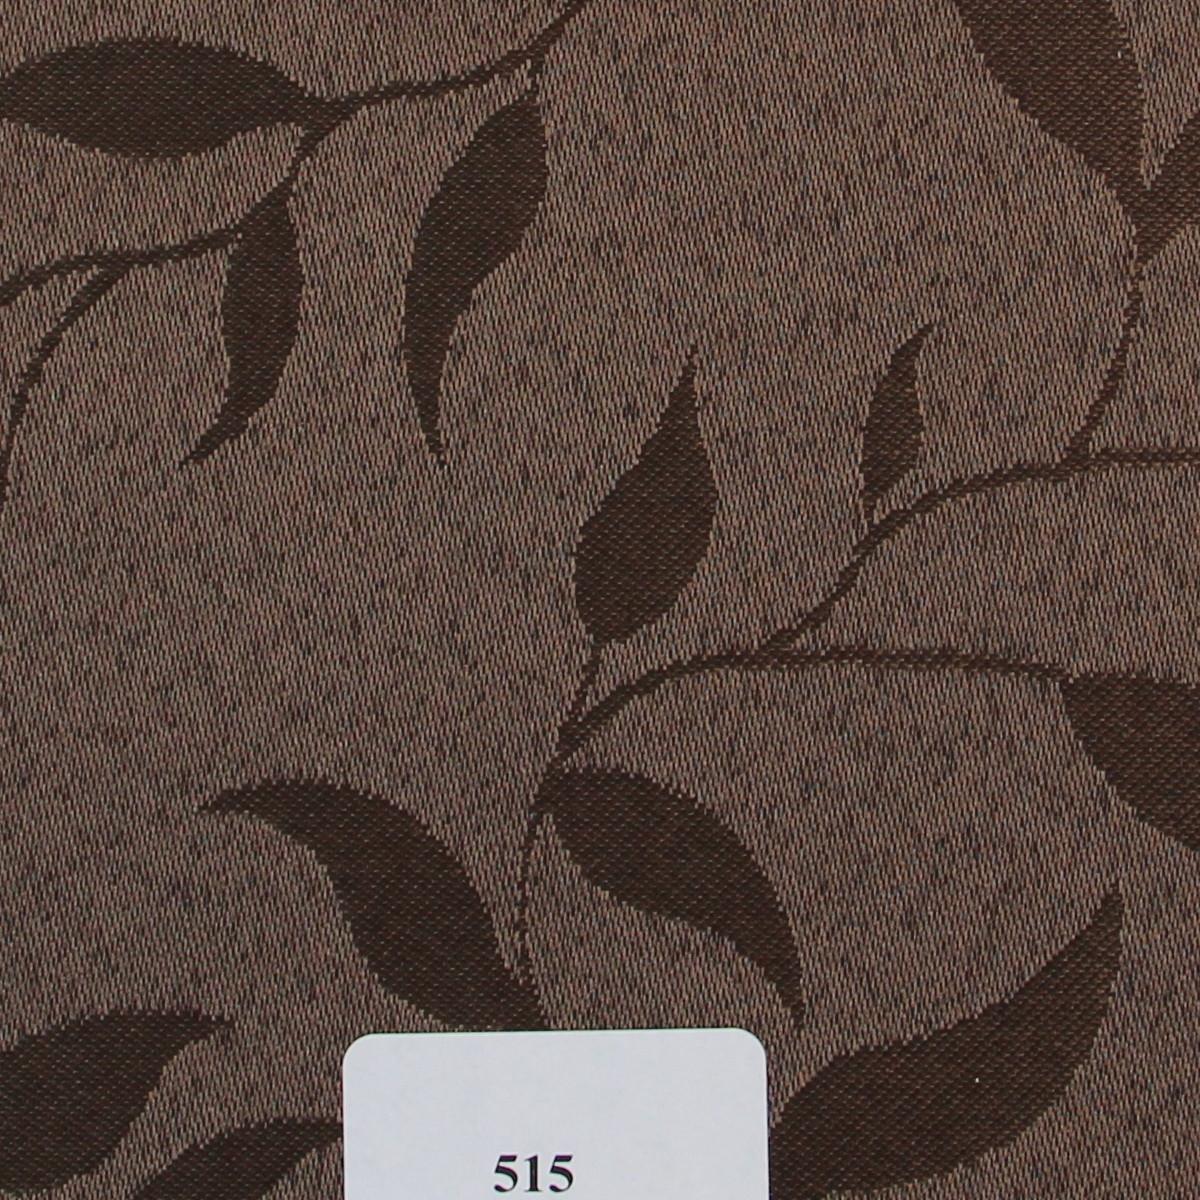 Рулонные шторы Ткань Натура 515 Шоколад